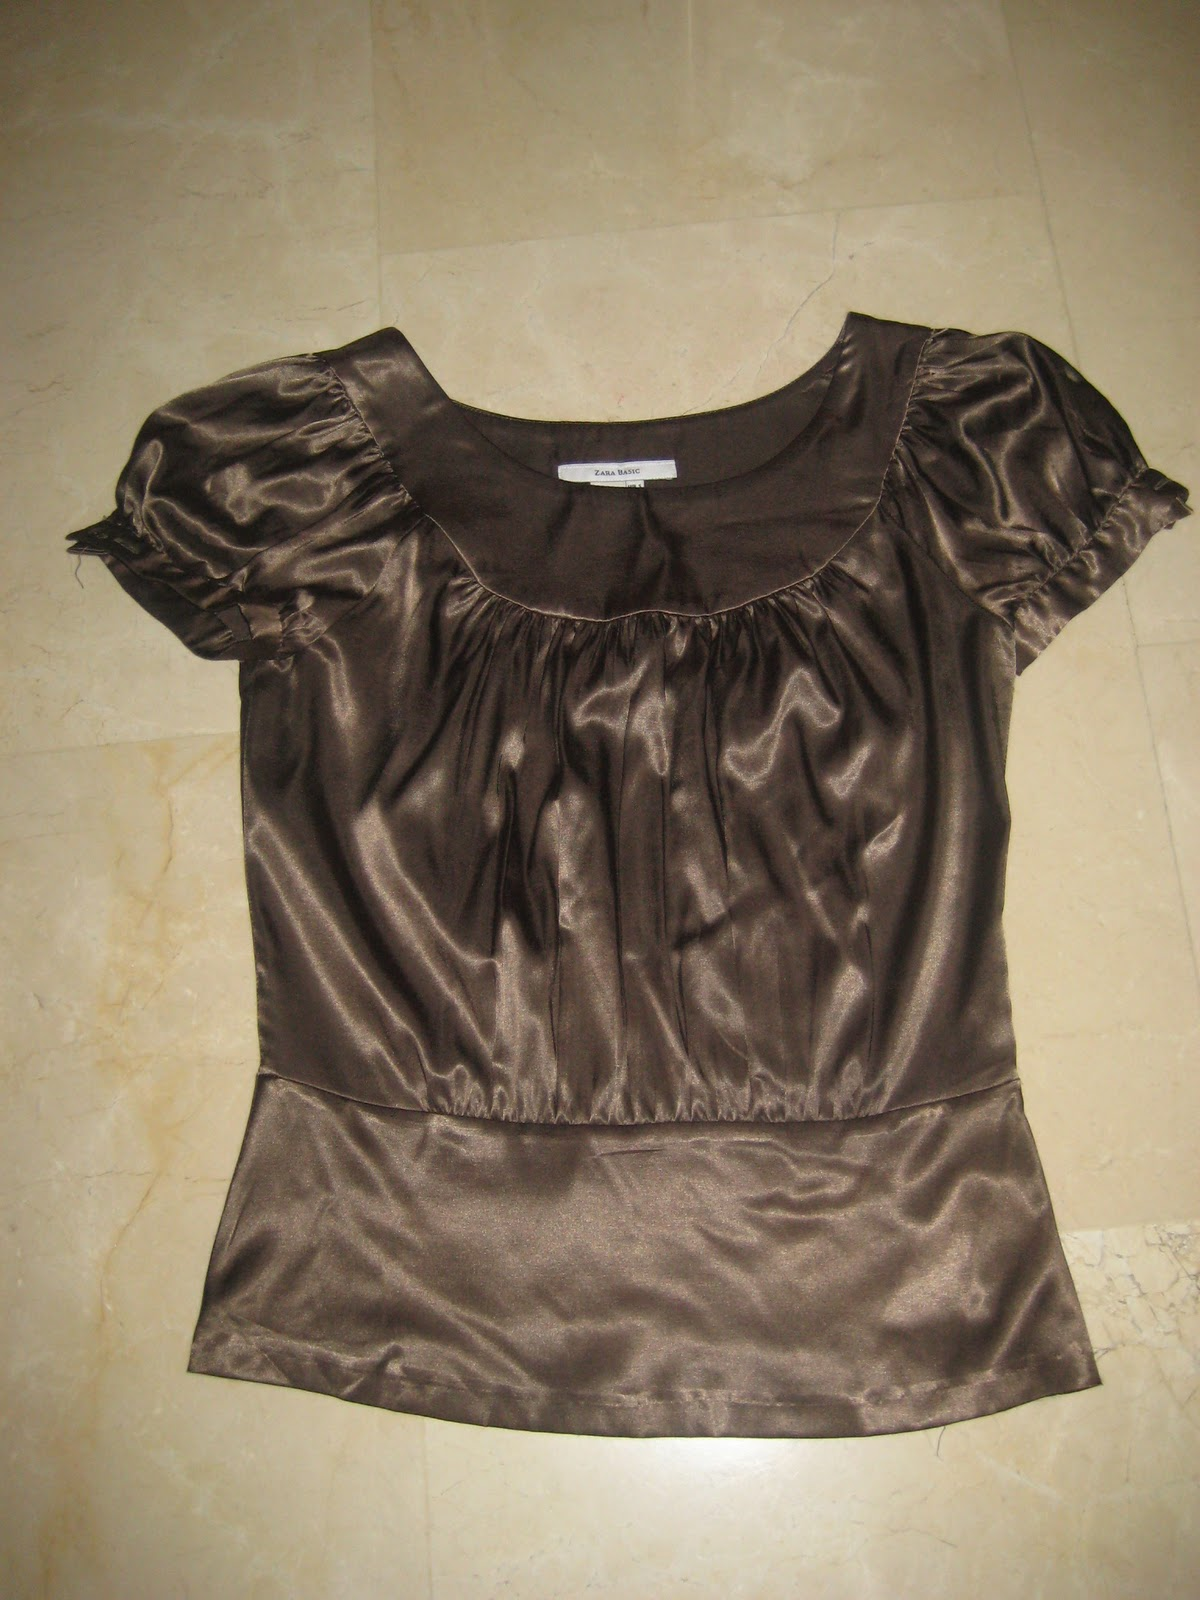 Blusas De Raso 2068 Productos de 543 Marcas Stylight